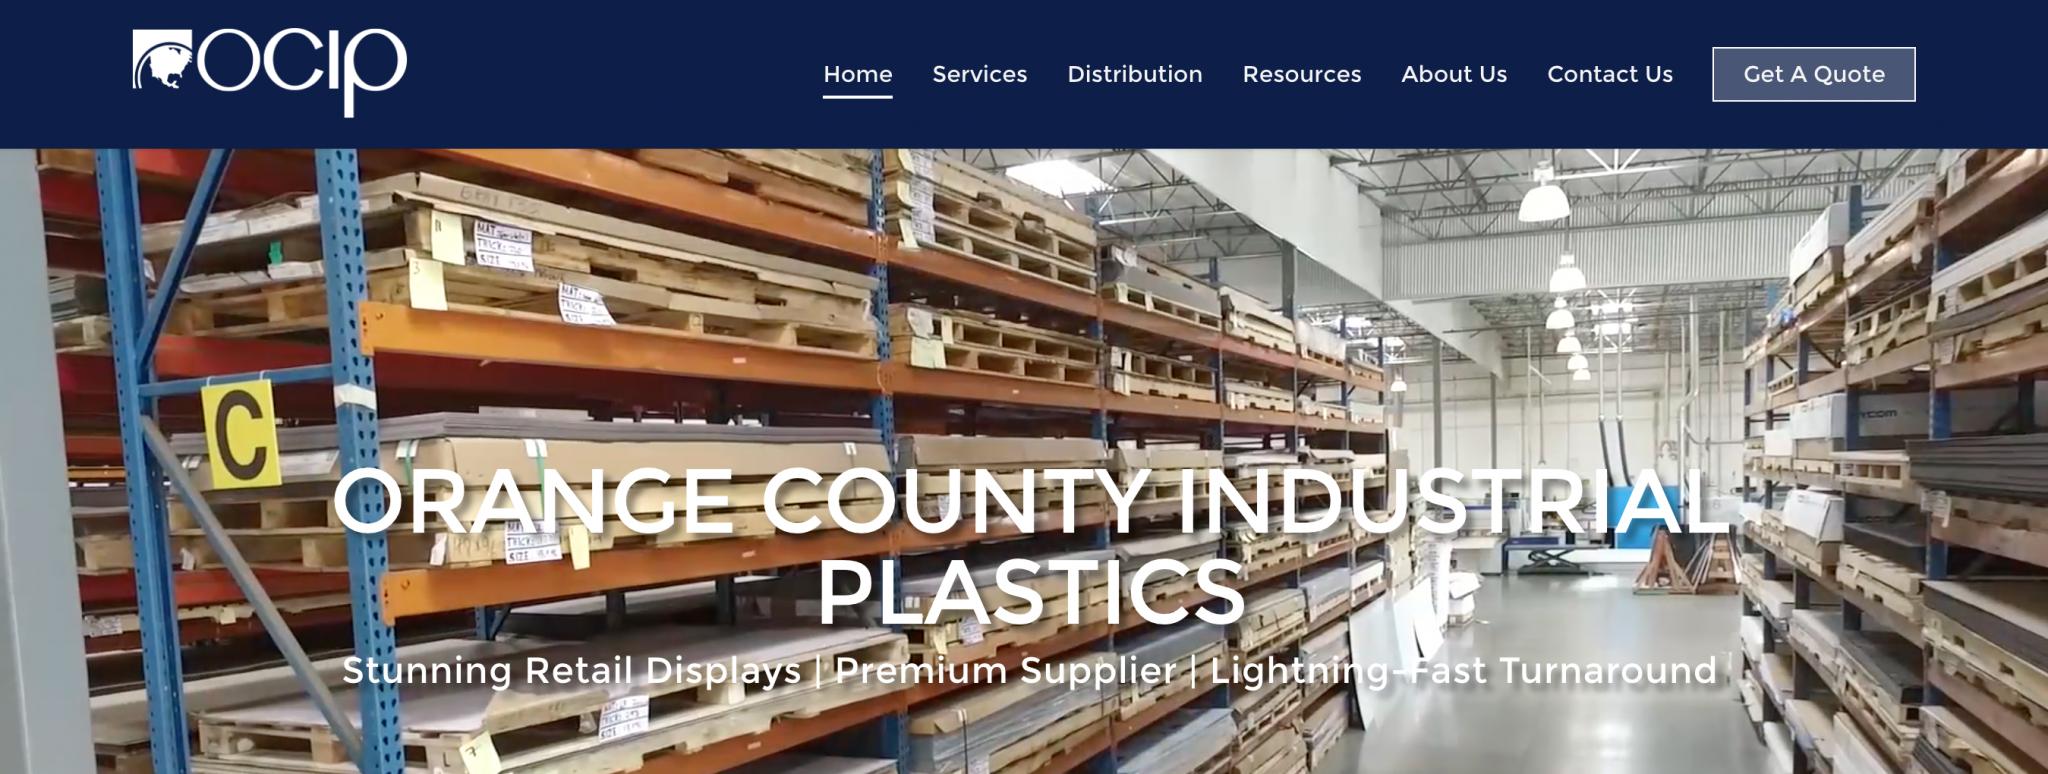 Orange County Industrial Plastics website